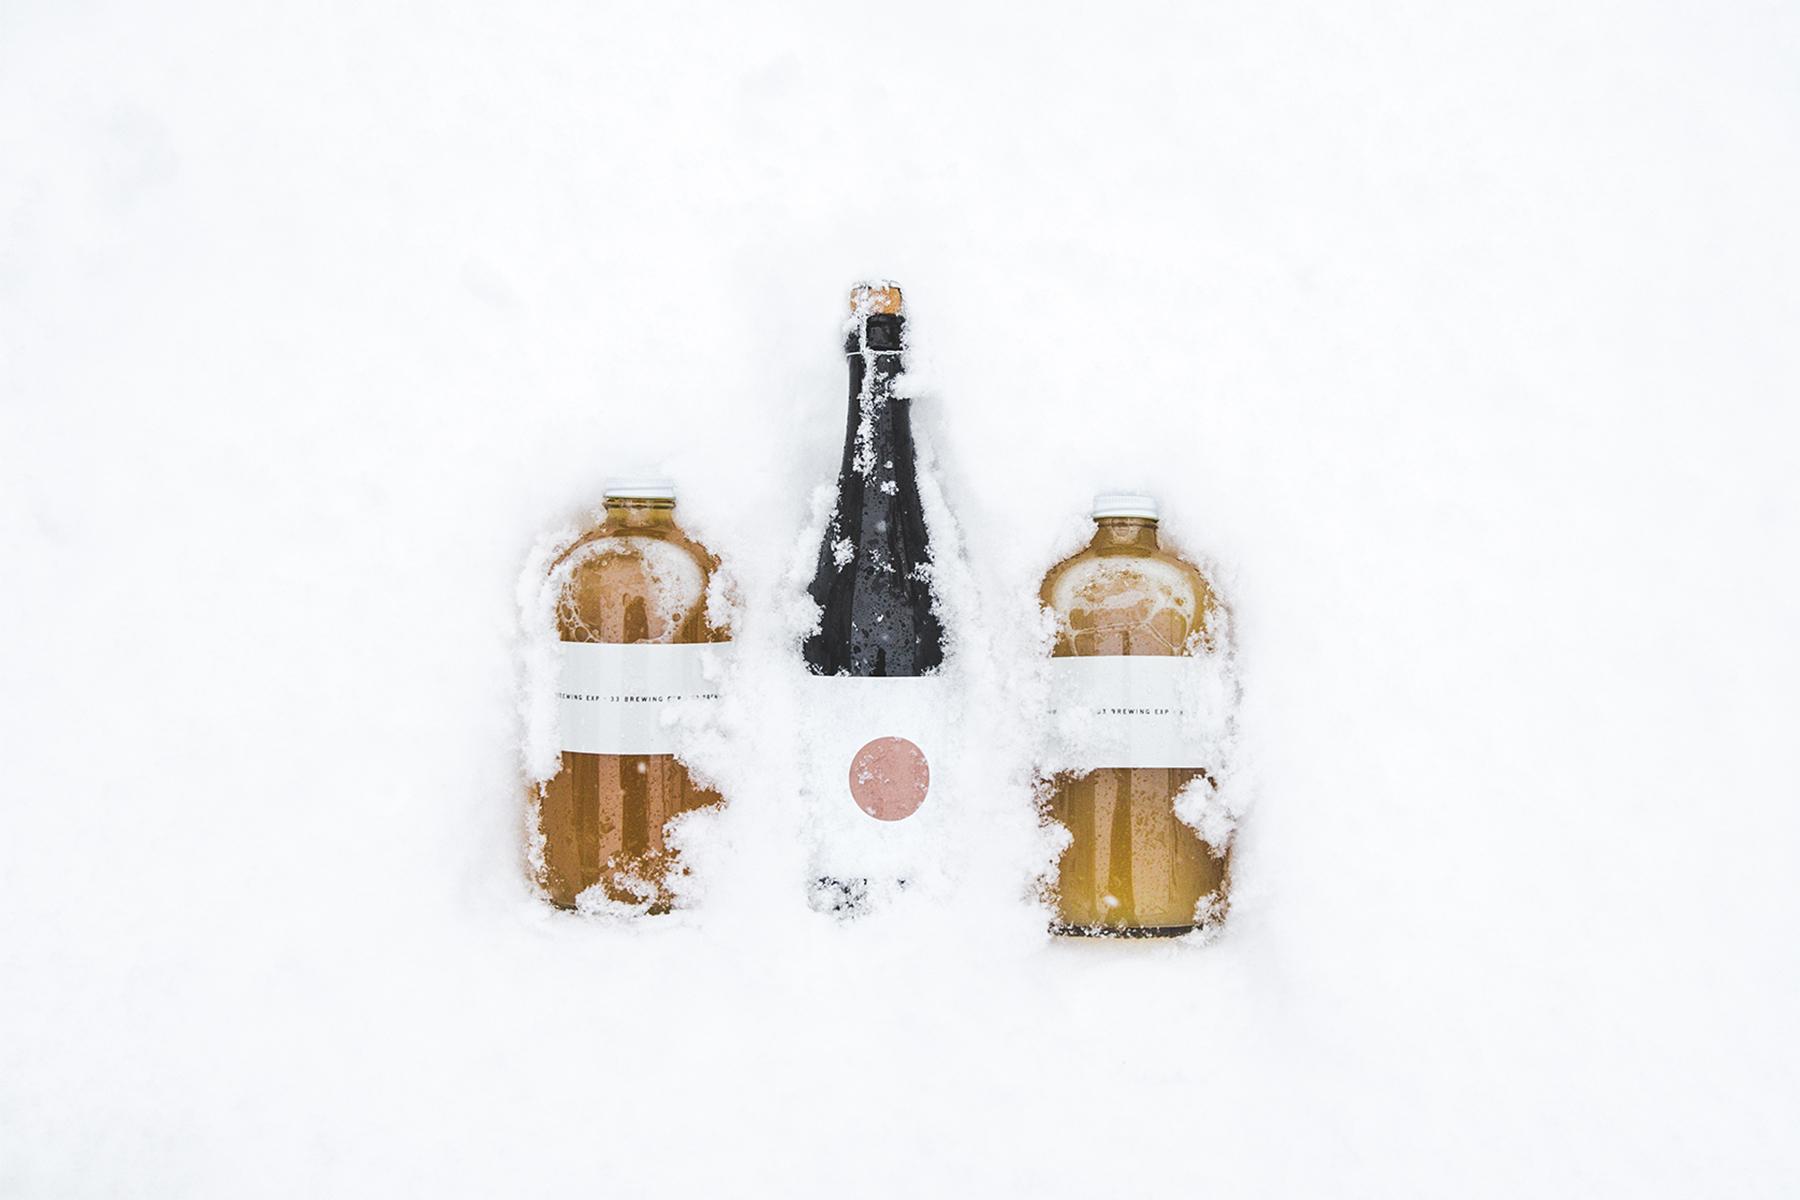 Beer drop 01.17.20